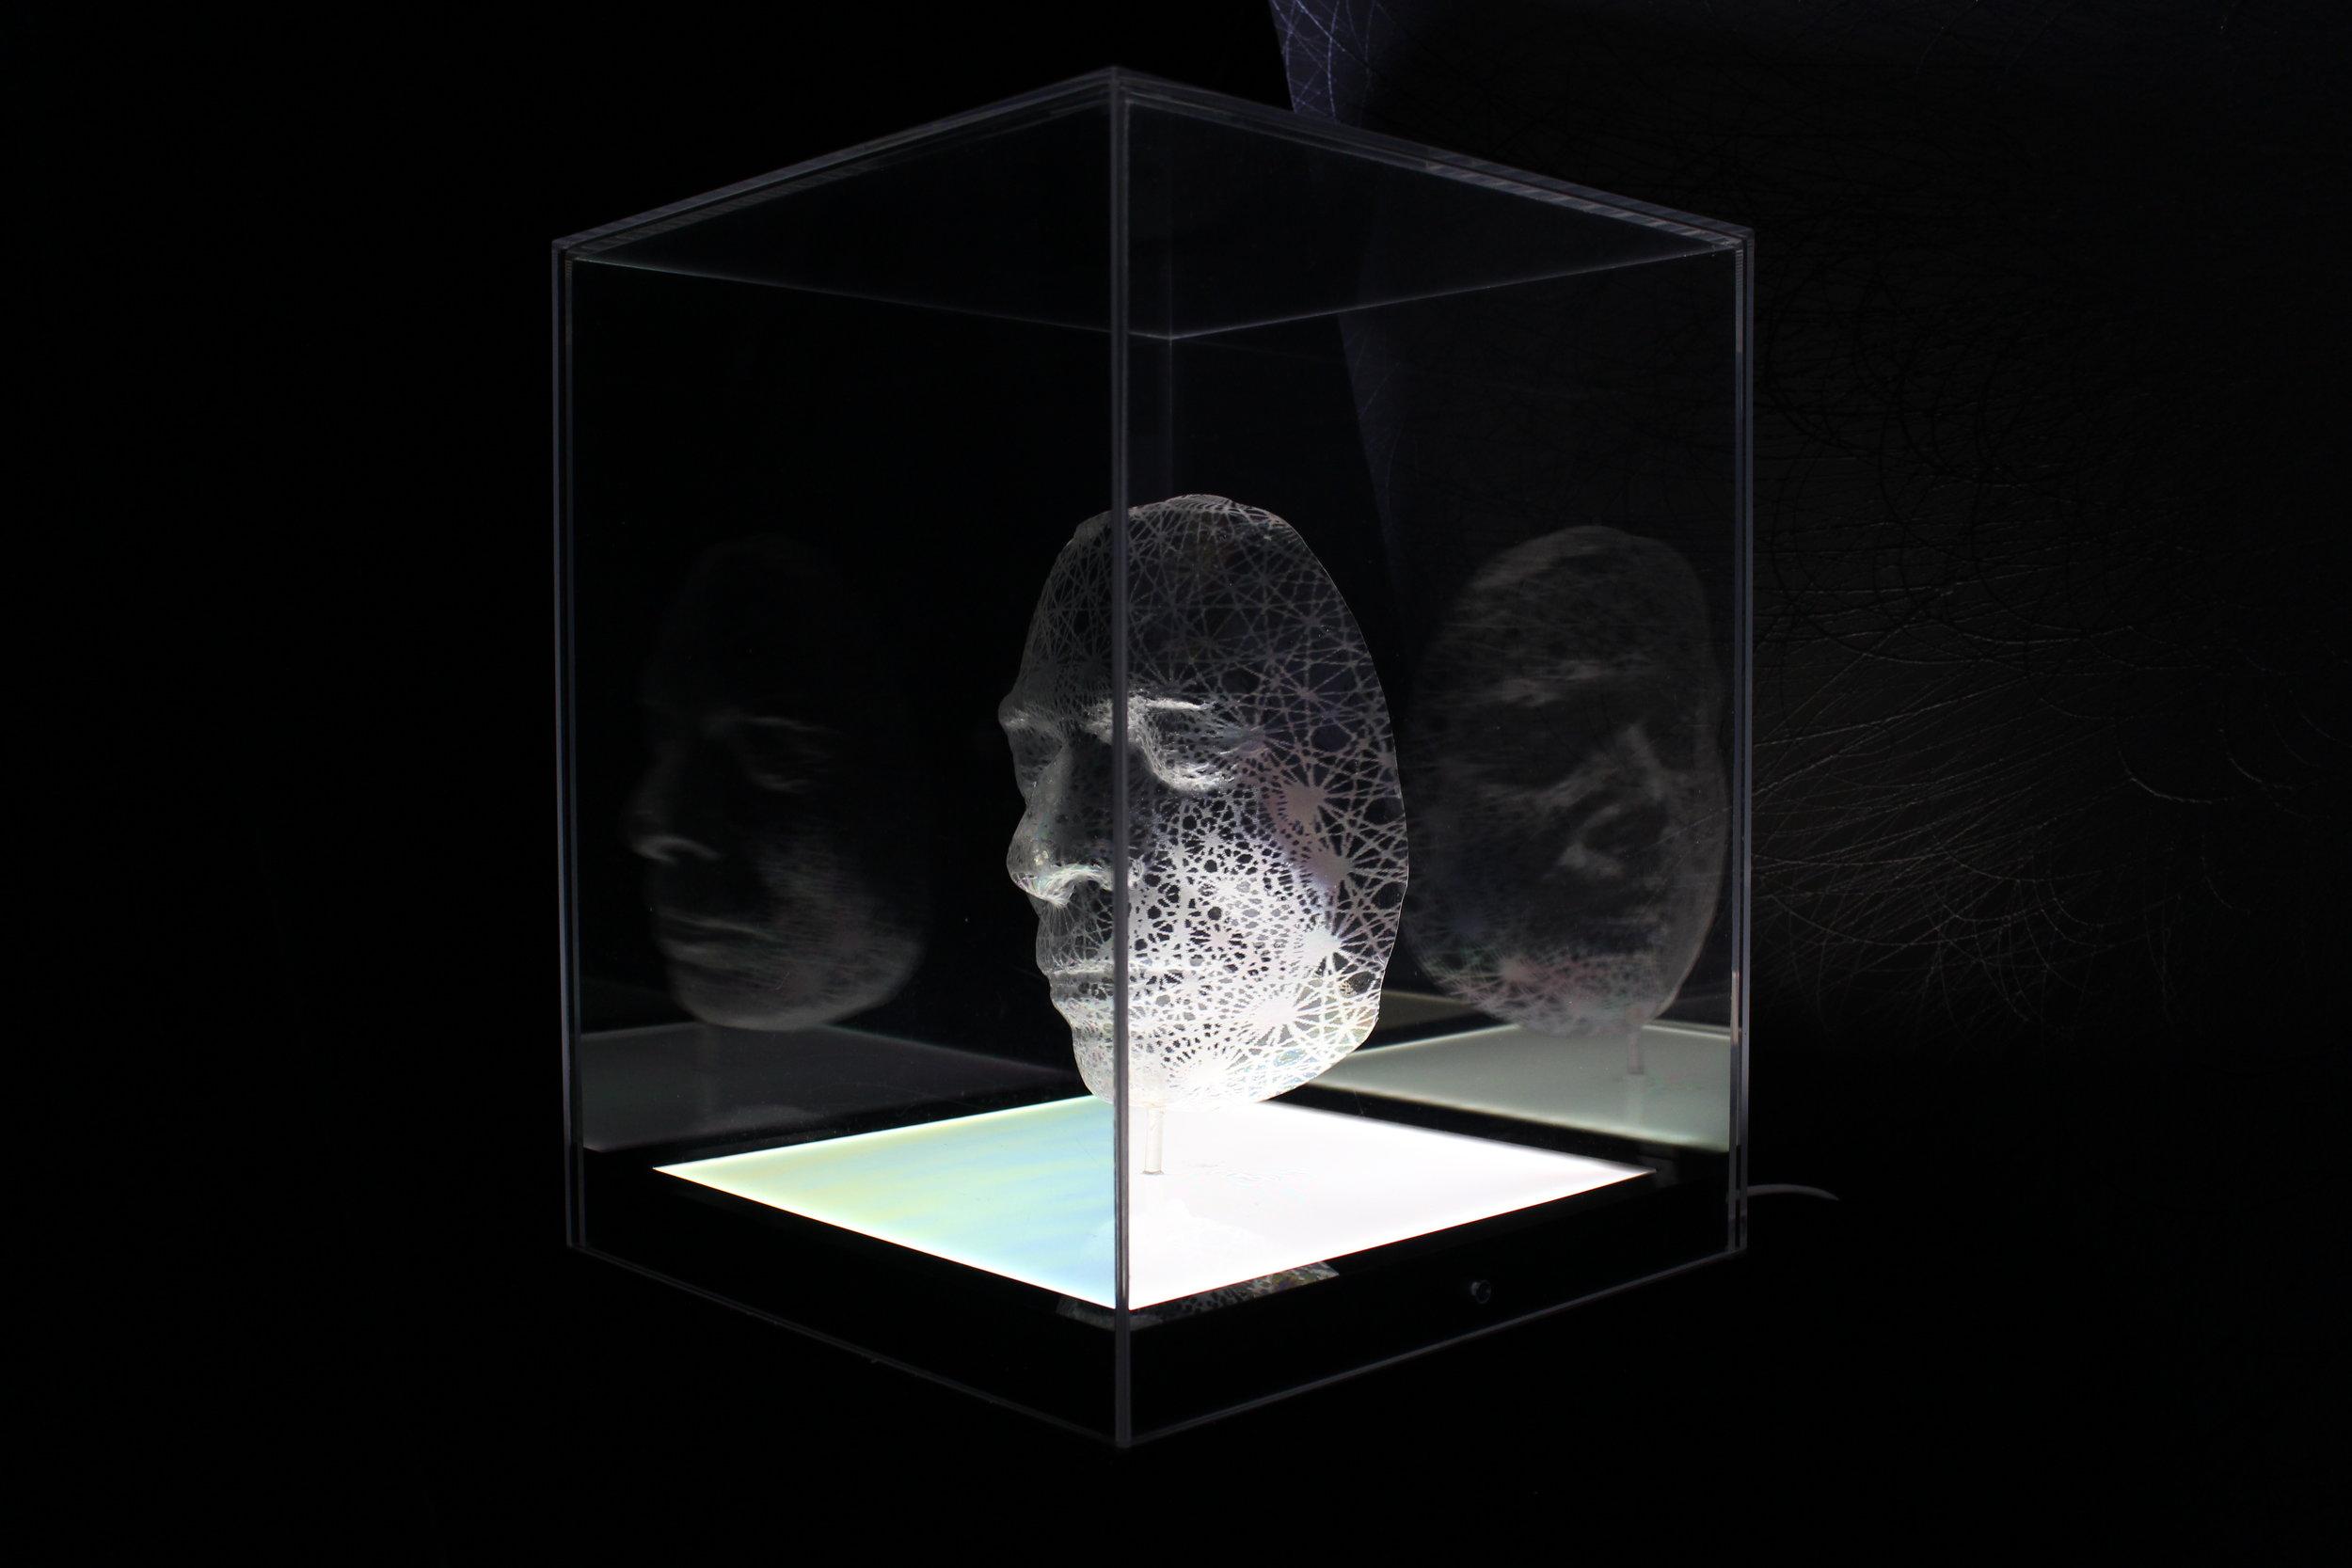 Emeritus Professor Arthur Miller 2015 in light and plastics